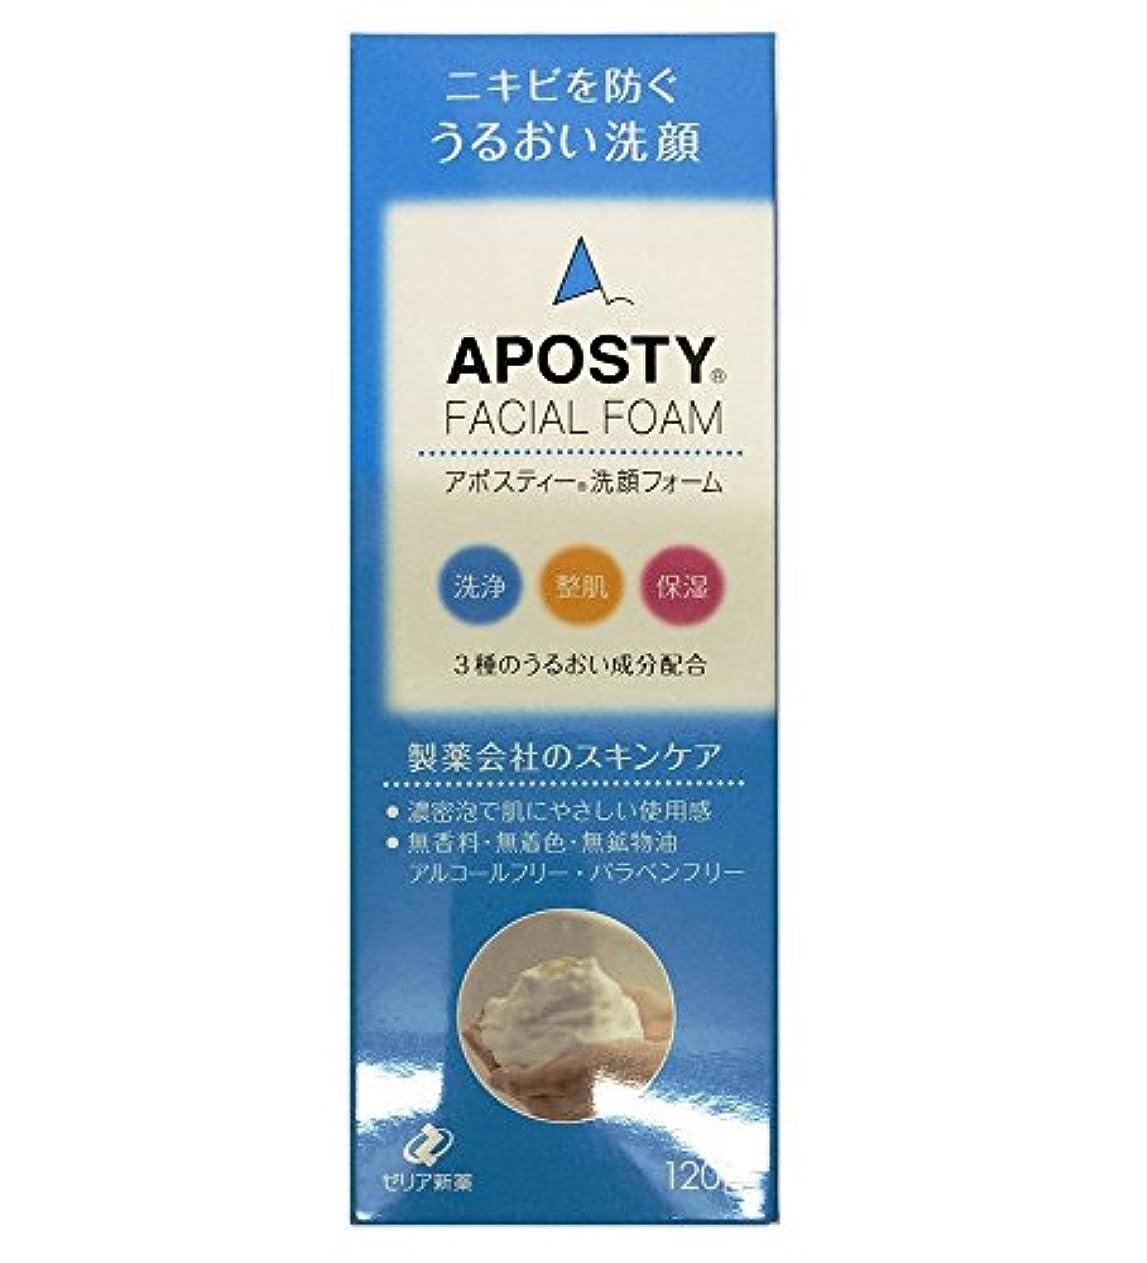 散文バージンラケットゼリア新薬工業 アポスティー 洗顔フォーム 120g